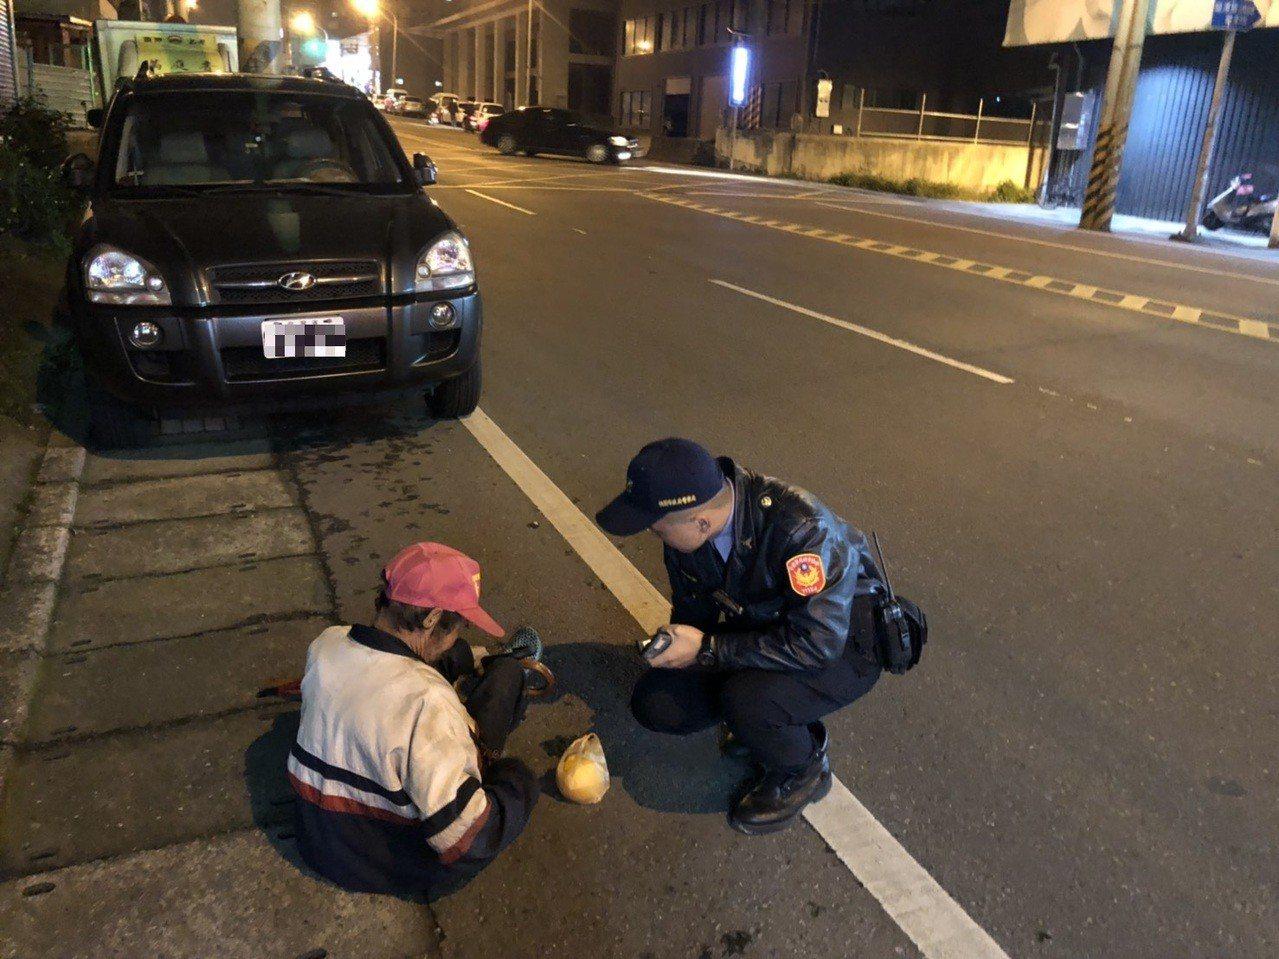 81歲古姓失智老翁,在天冷夜晚倒坐路旁,警方獲報趕往救援,查出他身分平安護送他返...